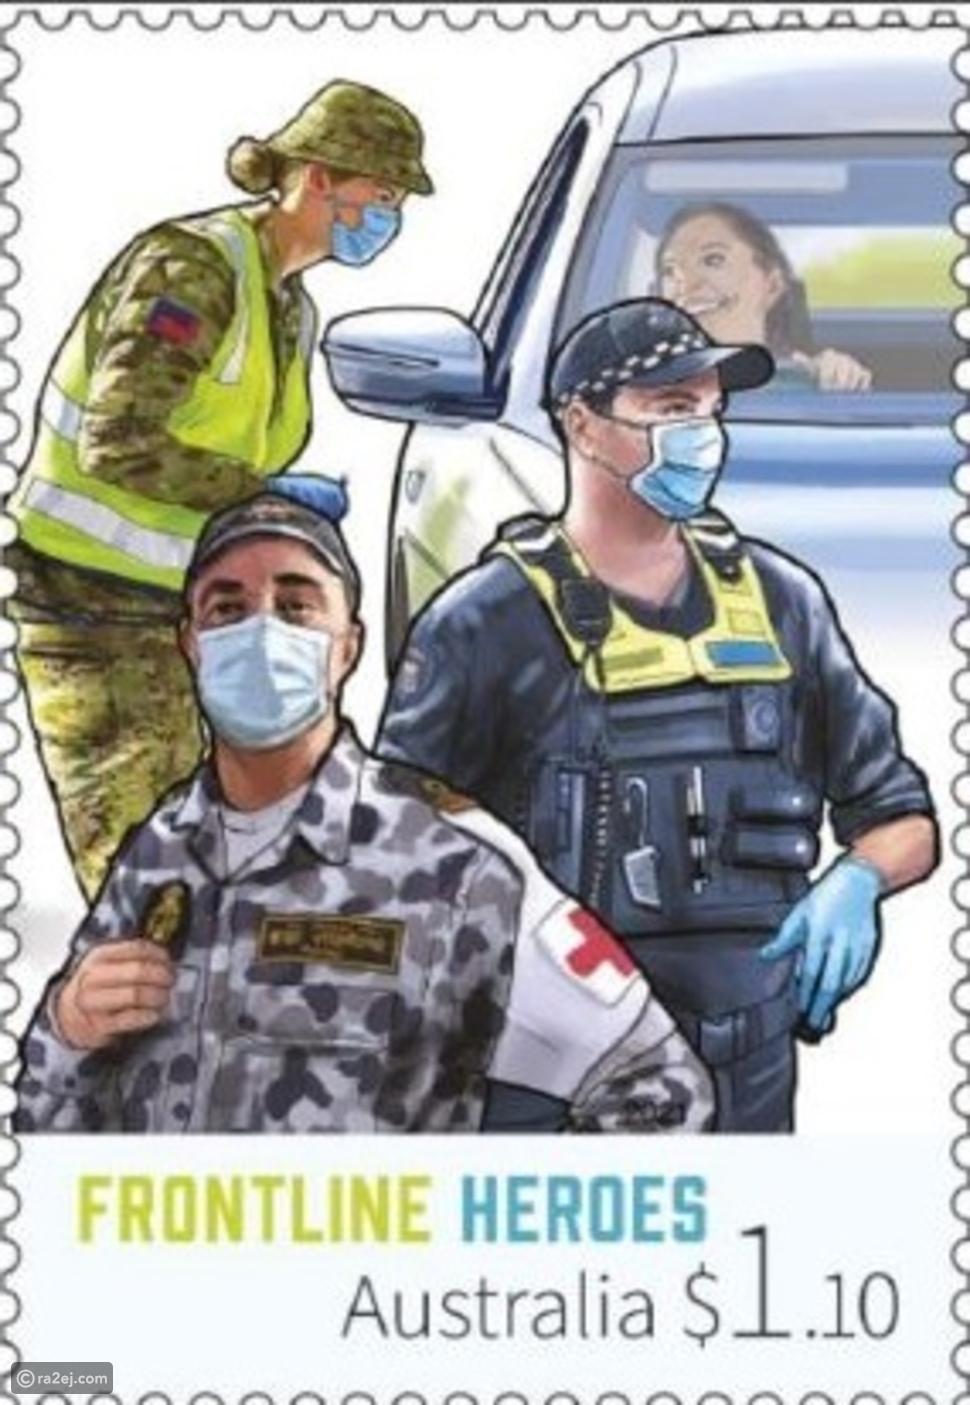 تكريم خاص للعاملين في مواجهة كورونا على الطوابع البريدية: محجبة تتصدر